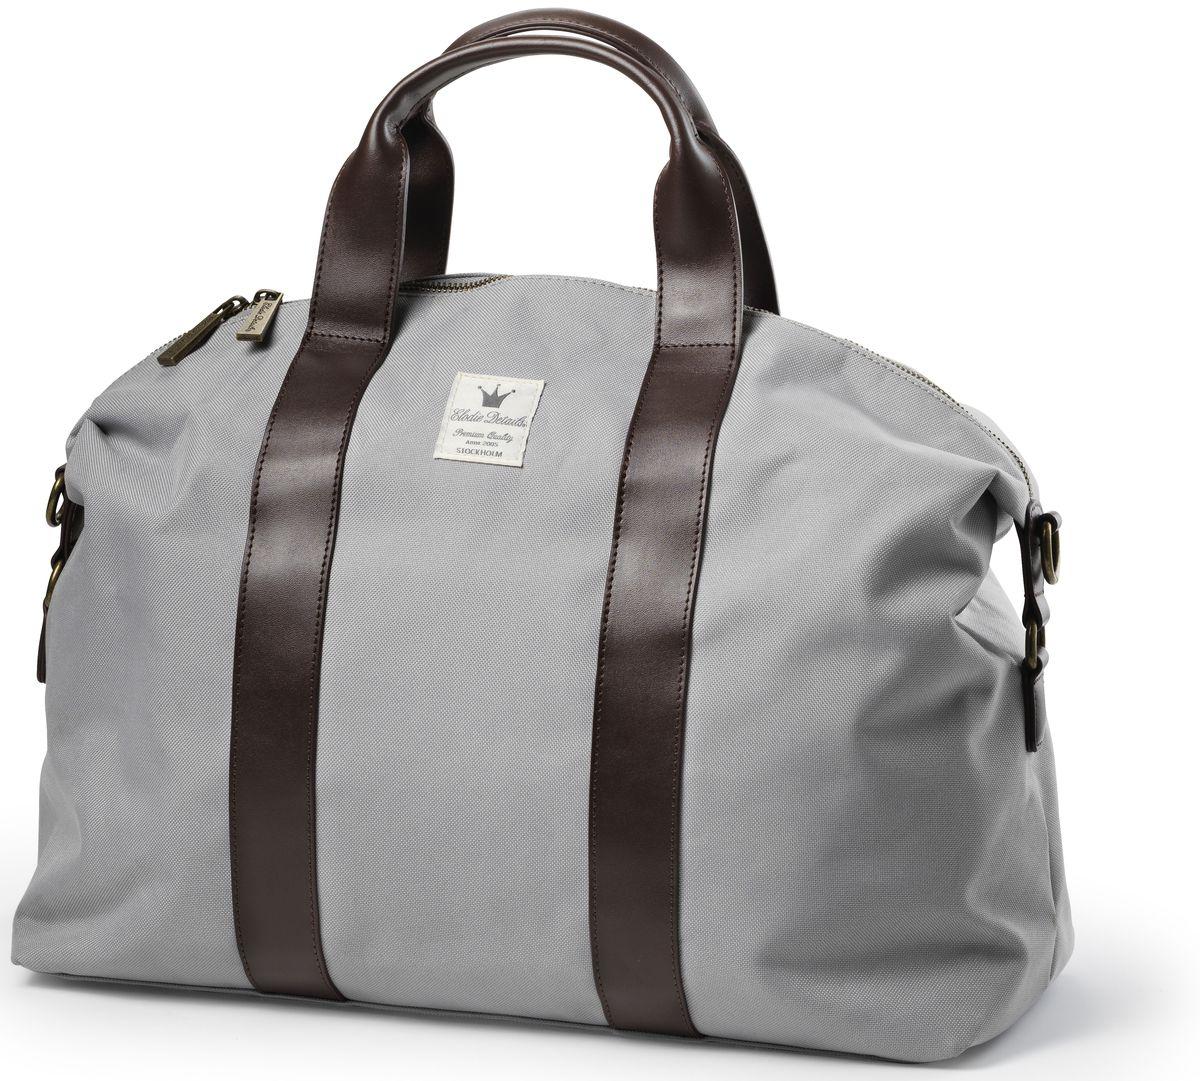 Elodie Details Сумка для мамы Gilded Grey цвет серый алиэкспресс сумка для мамы